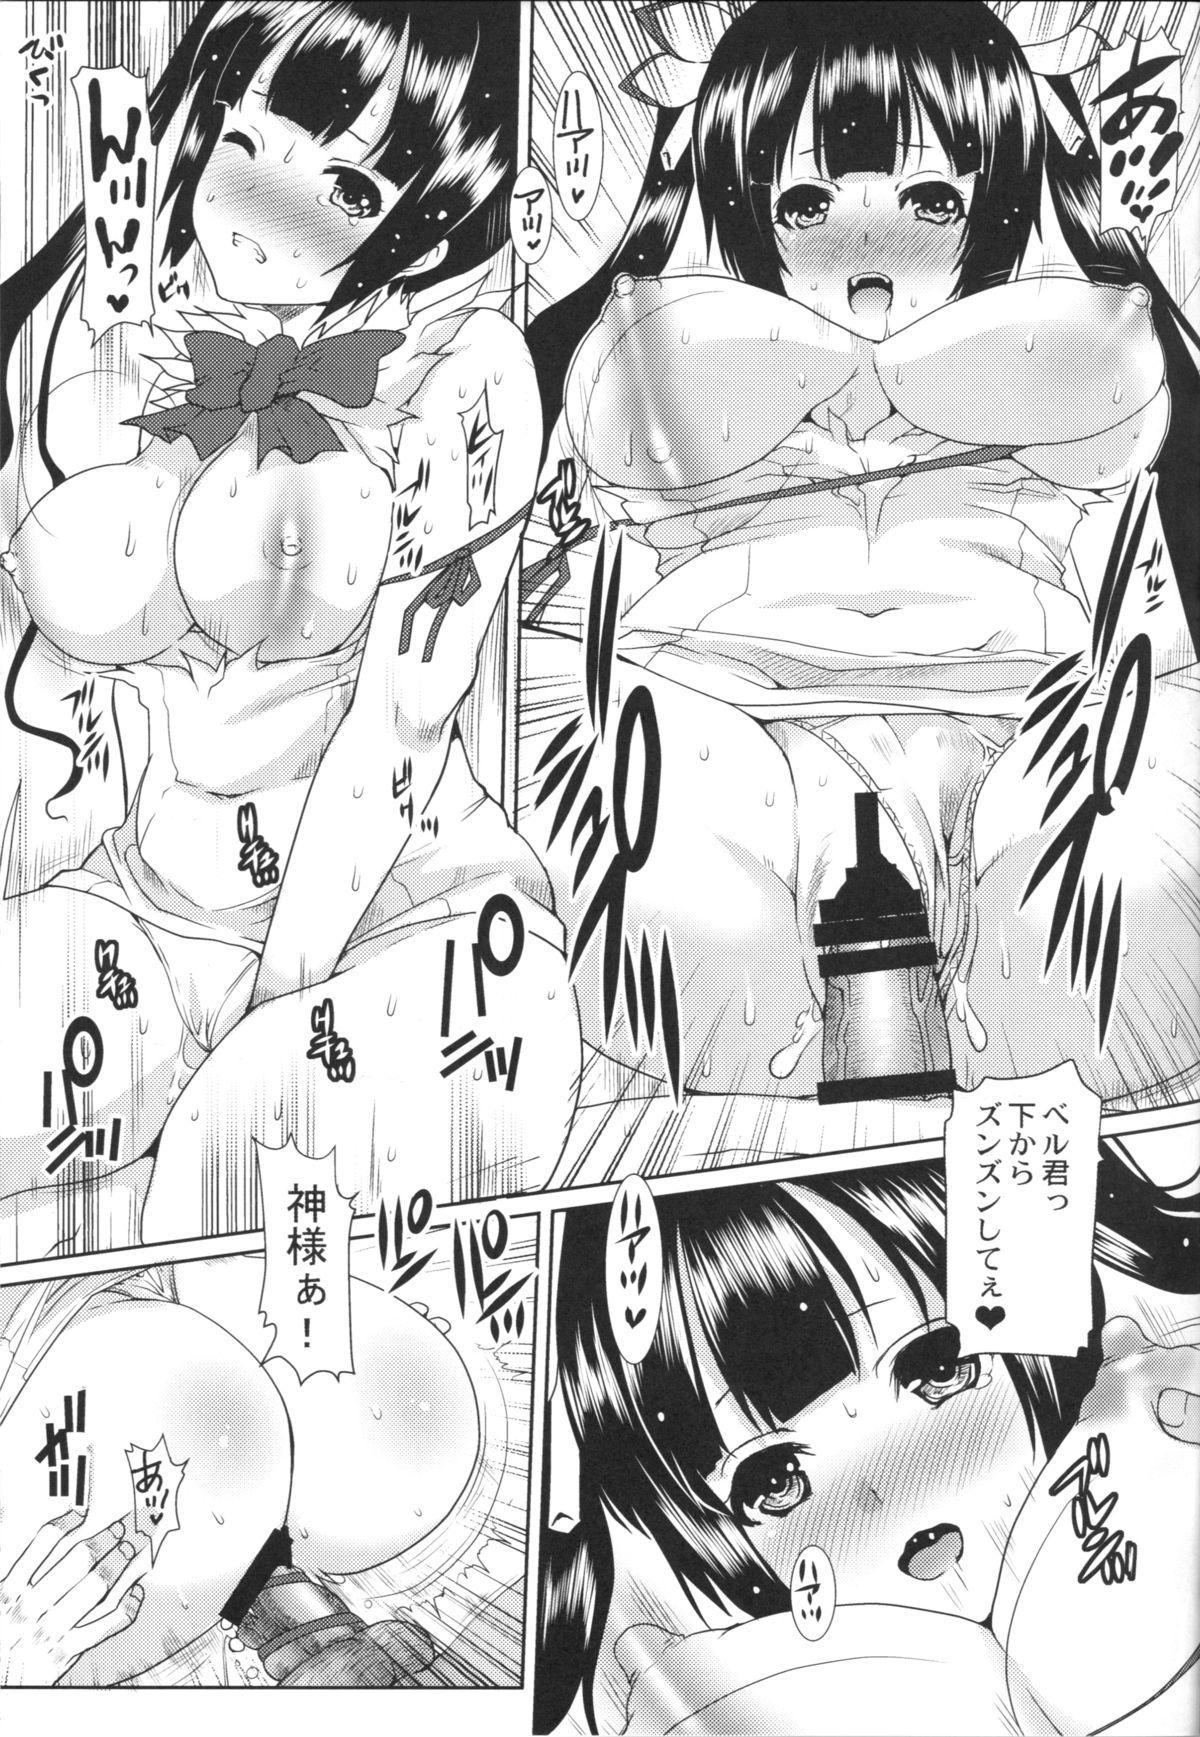 Ano Himo o Hodoku no wa Anata 11